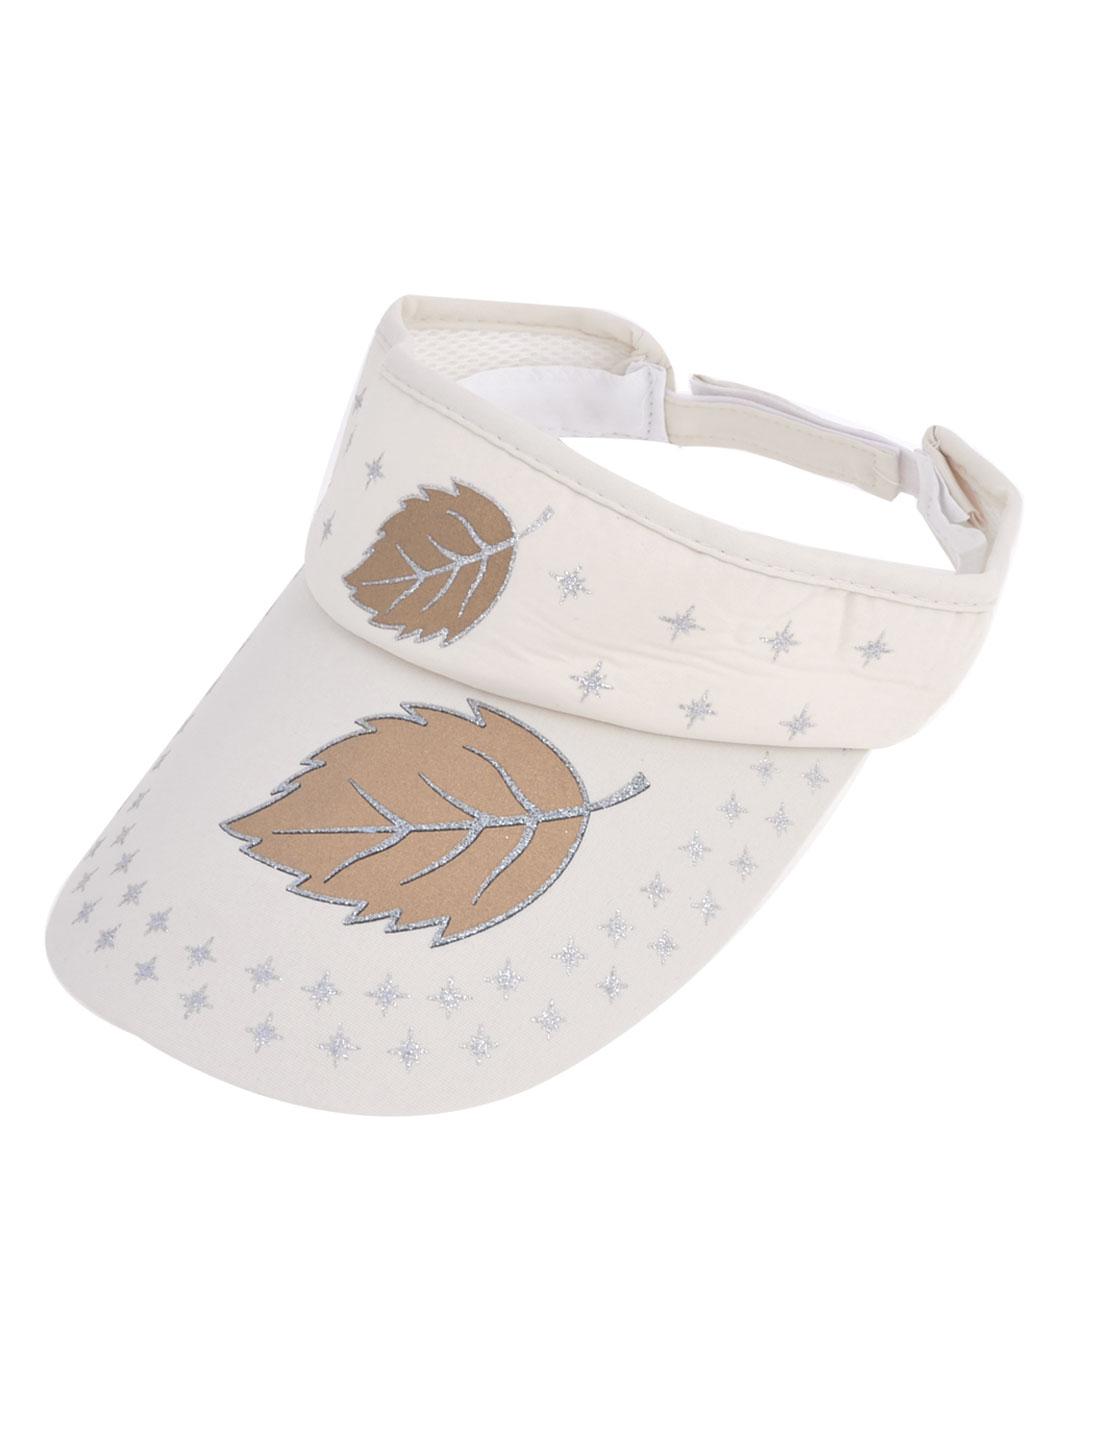 Brown Leaf Pattern Hook Loop Fastener Summer Visor Hat Beige for Women